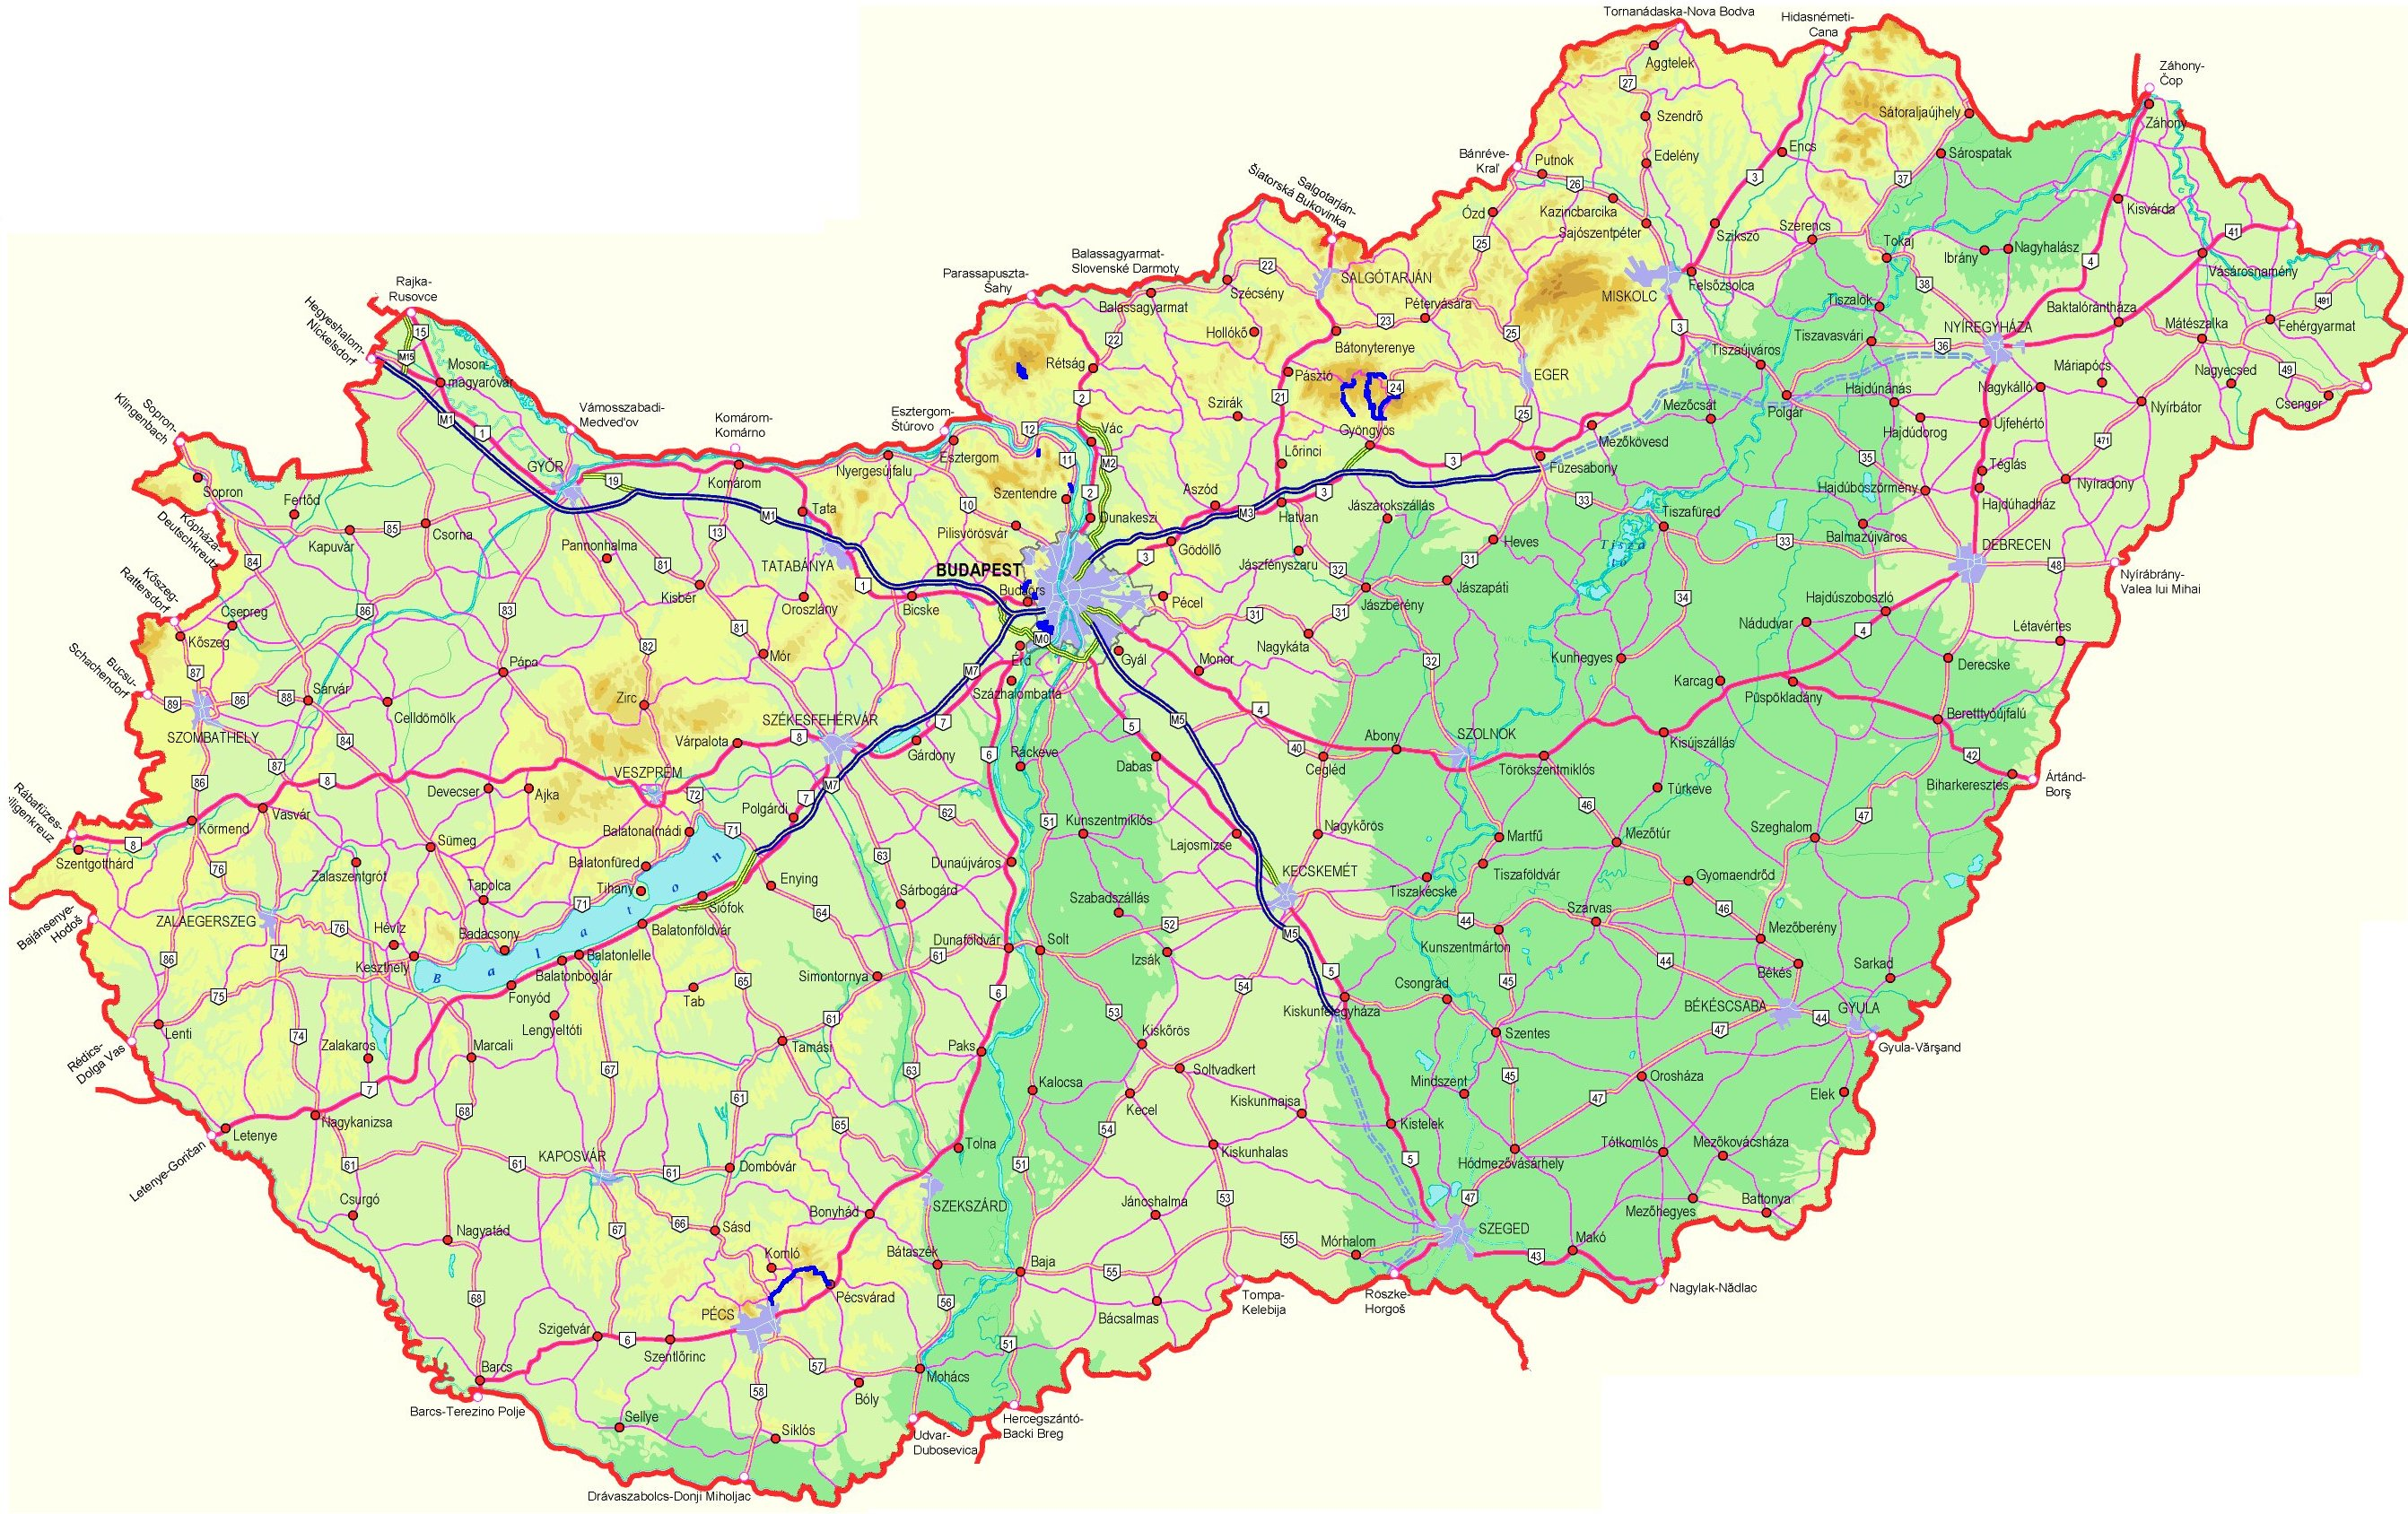 nagyfelbontású magyarország térkép Online térképek: 2008 nagyfelbontású magyarország térkép